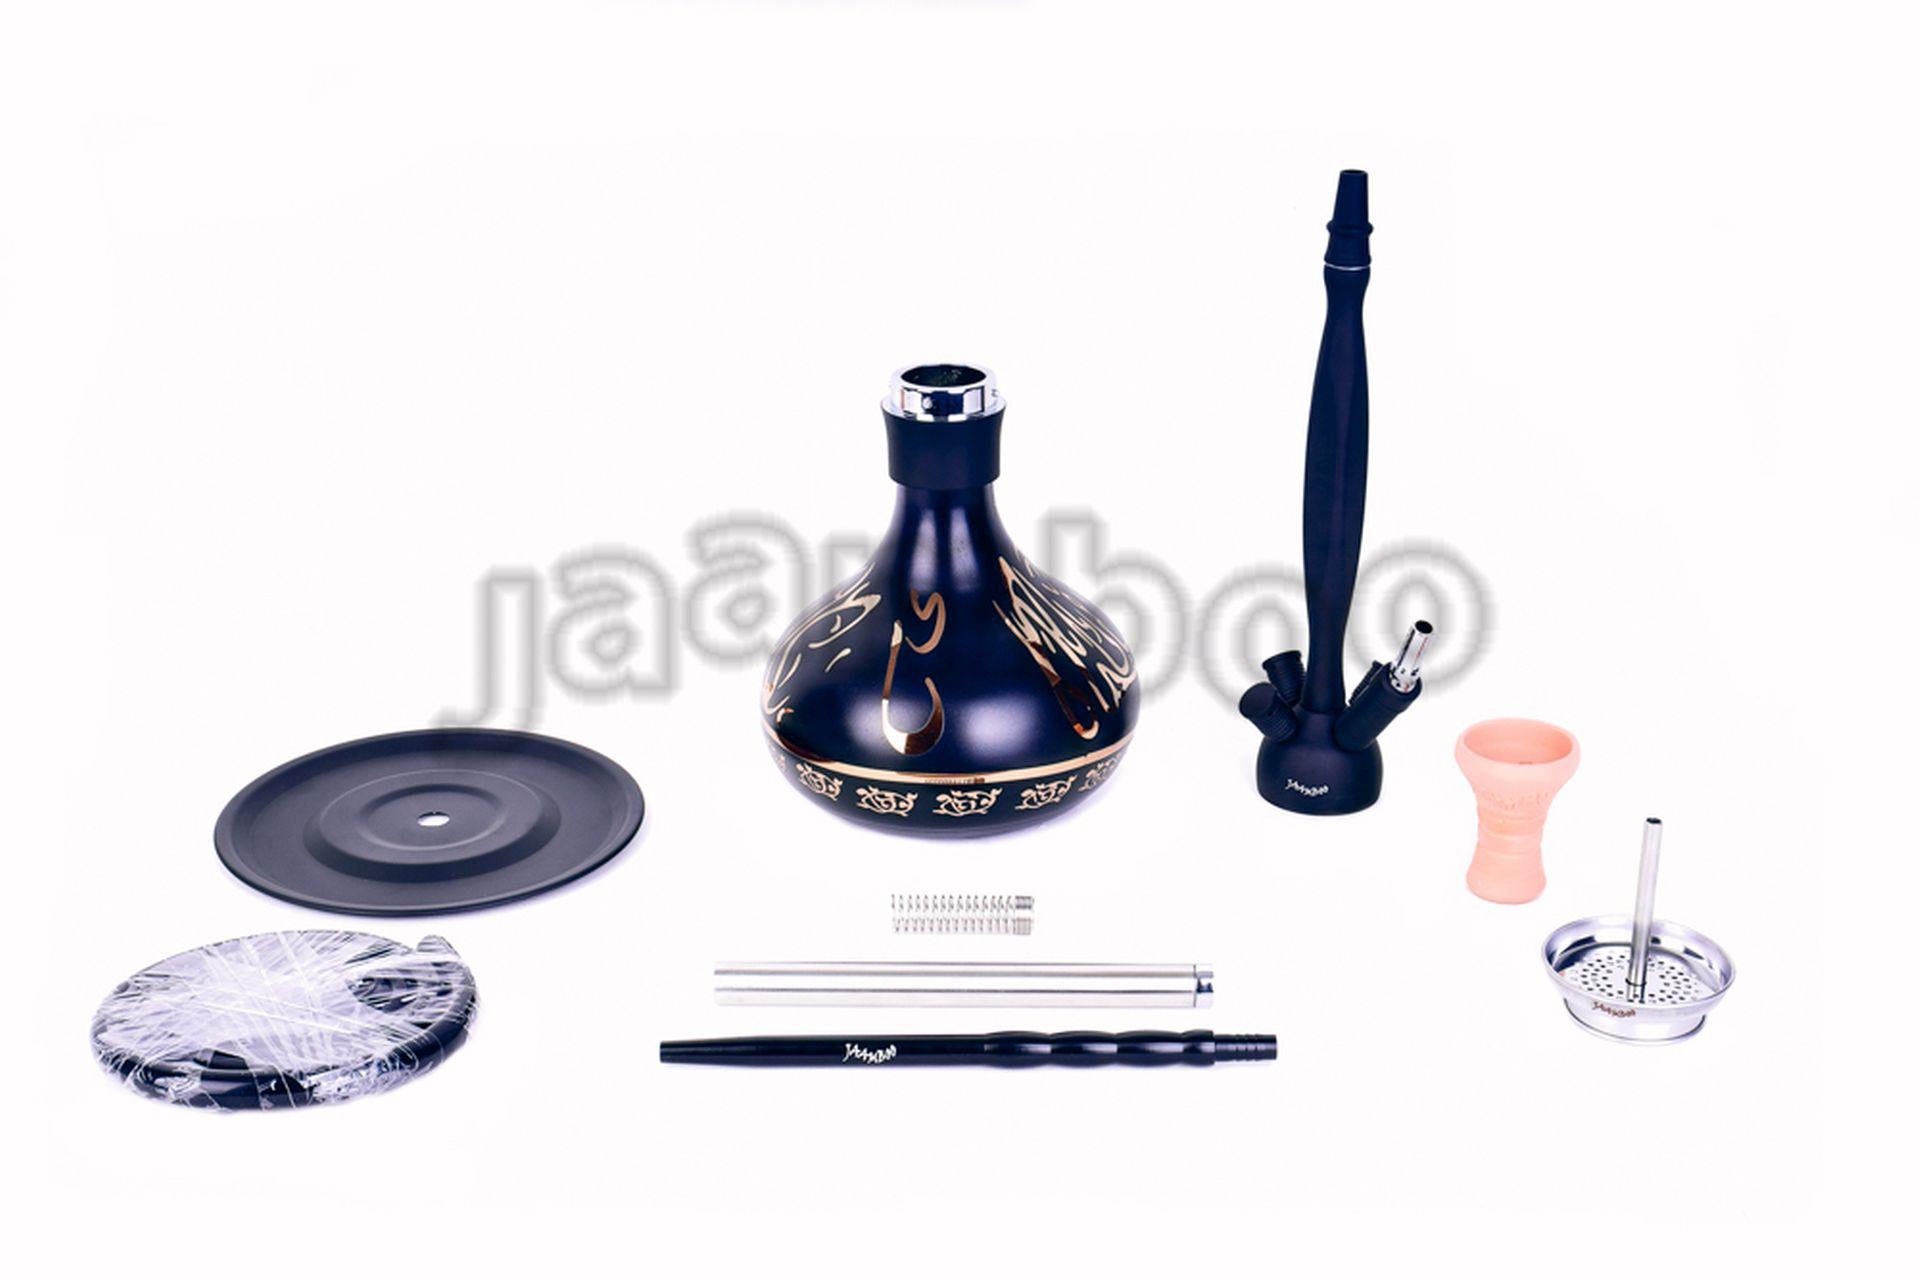 SHISHA JAAMBOO NL-013 2